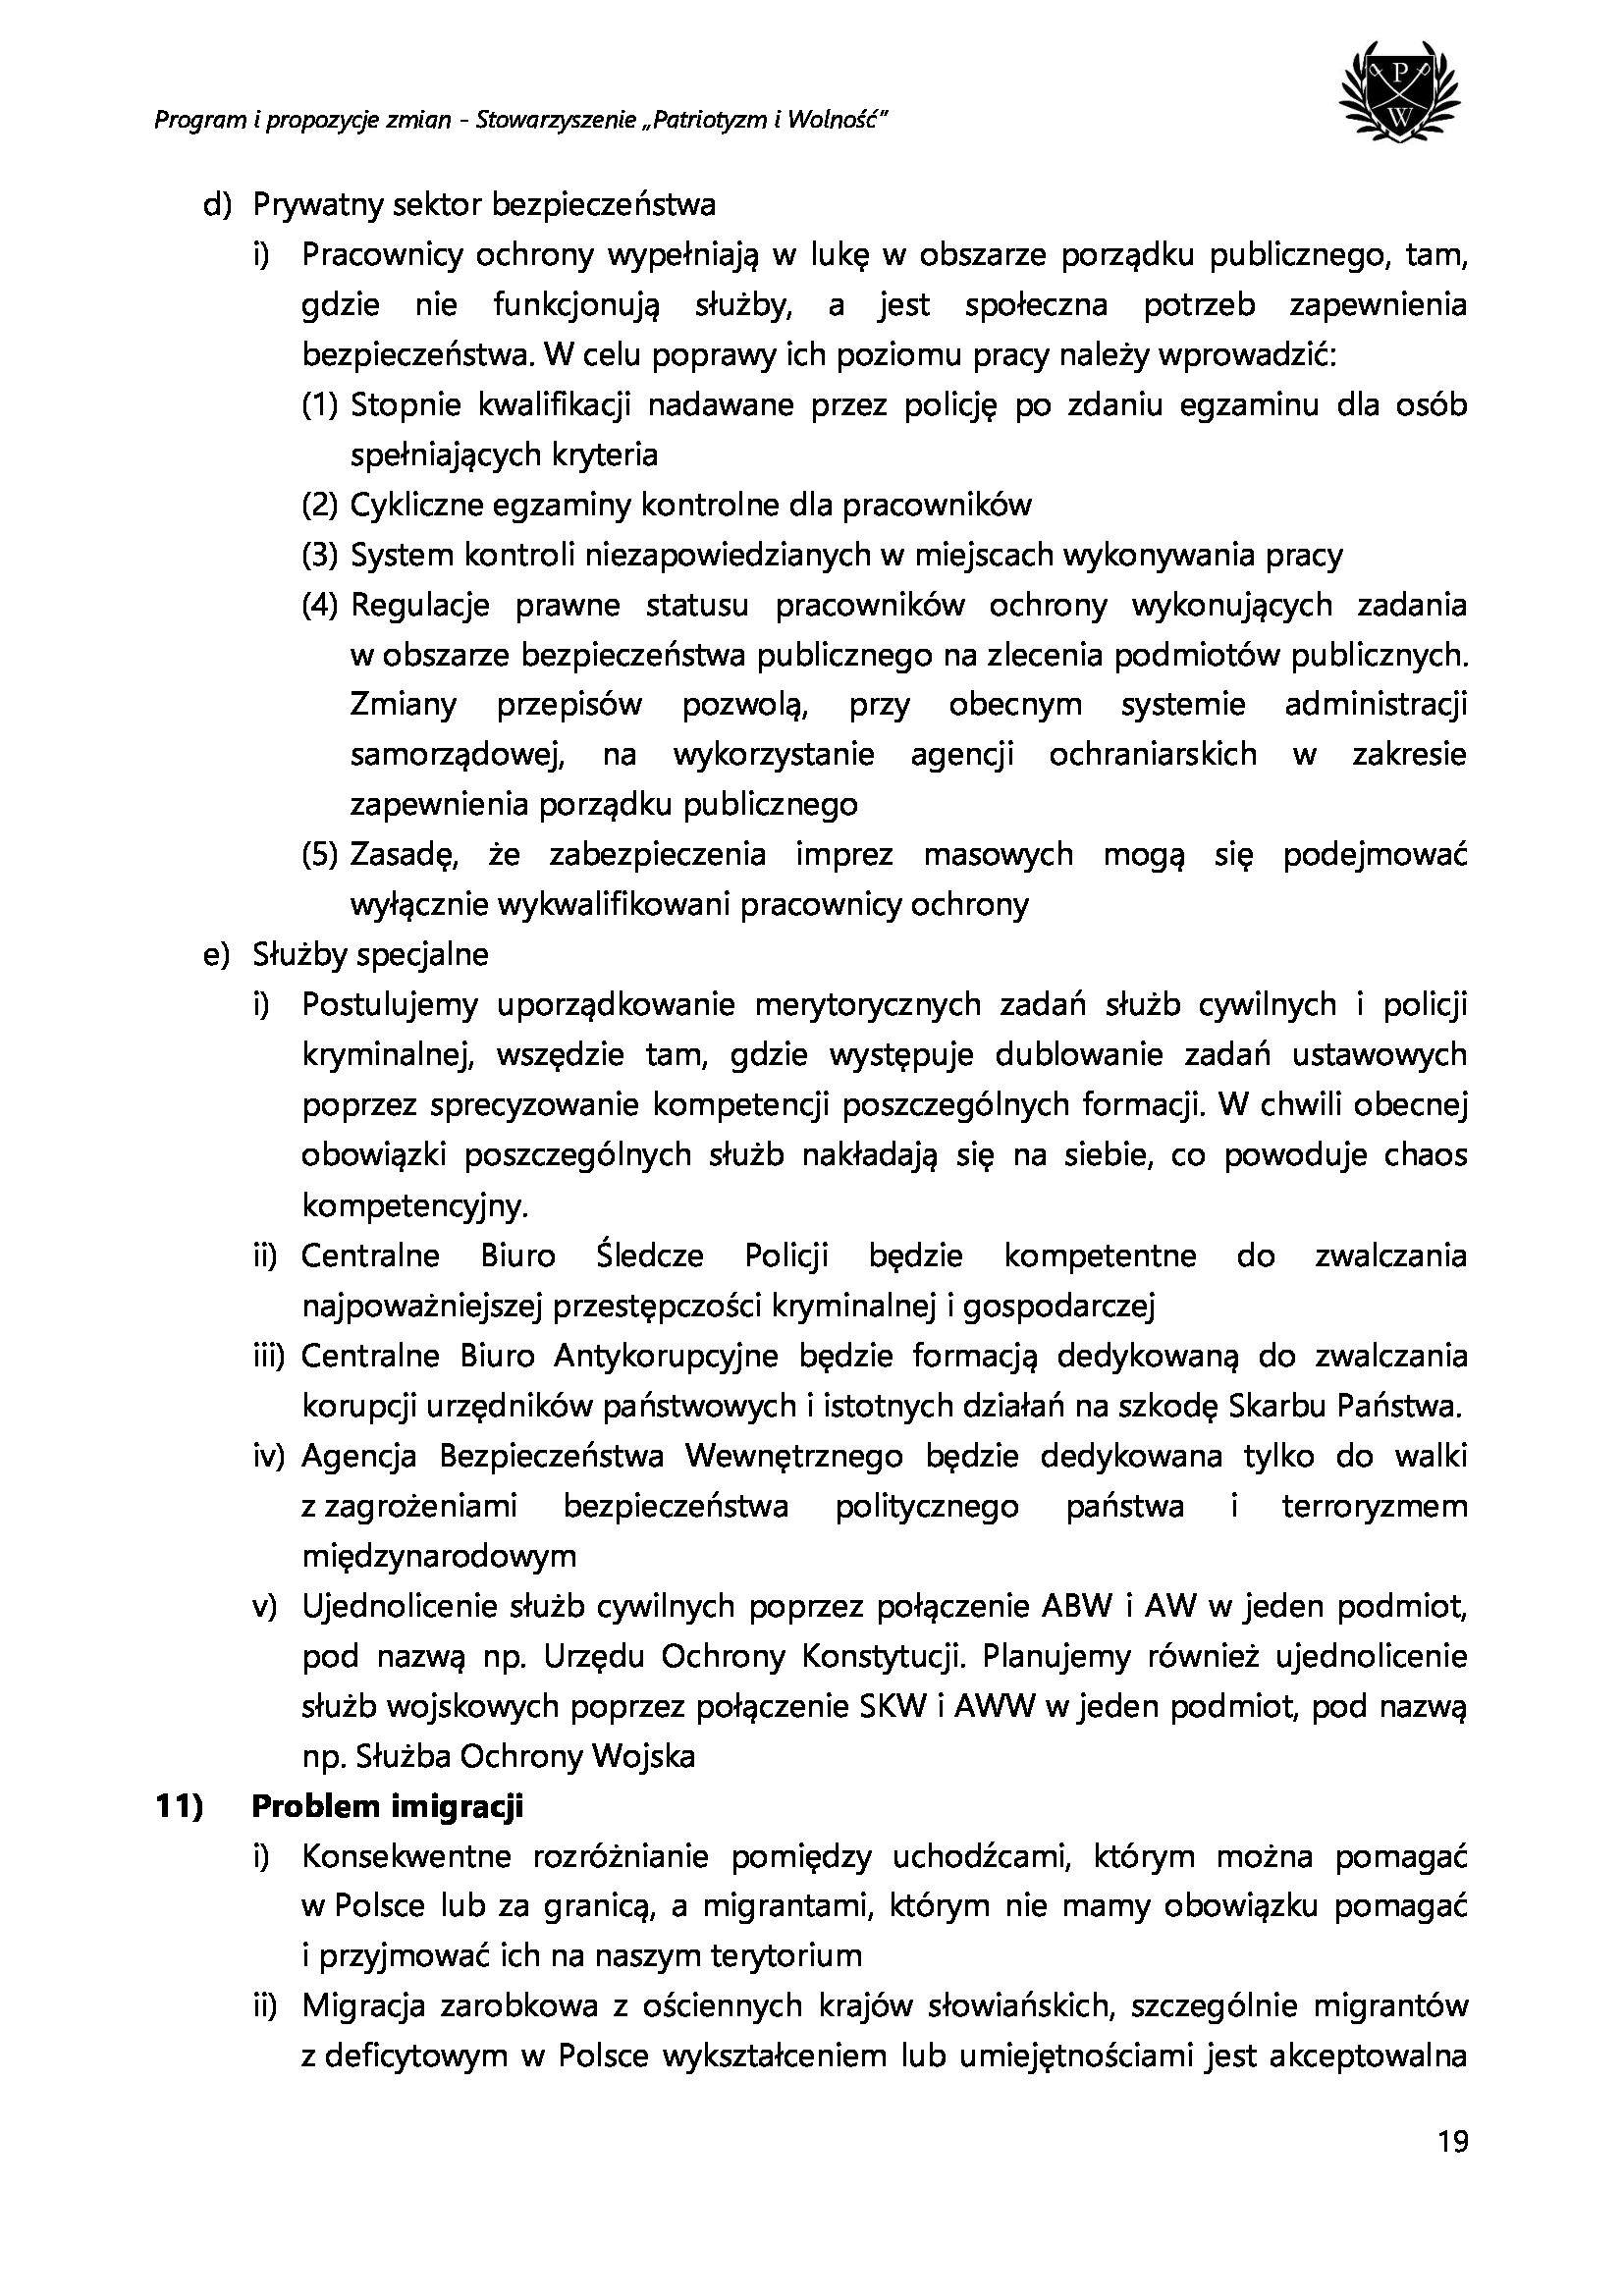 db9e272ef5a9a2e66d26f1905be6c507-19